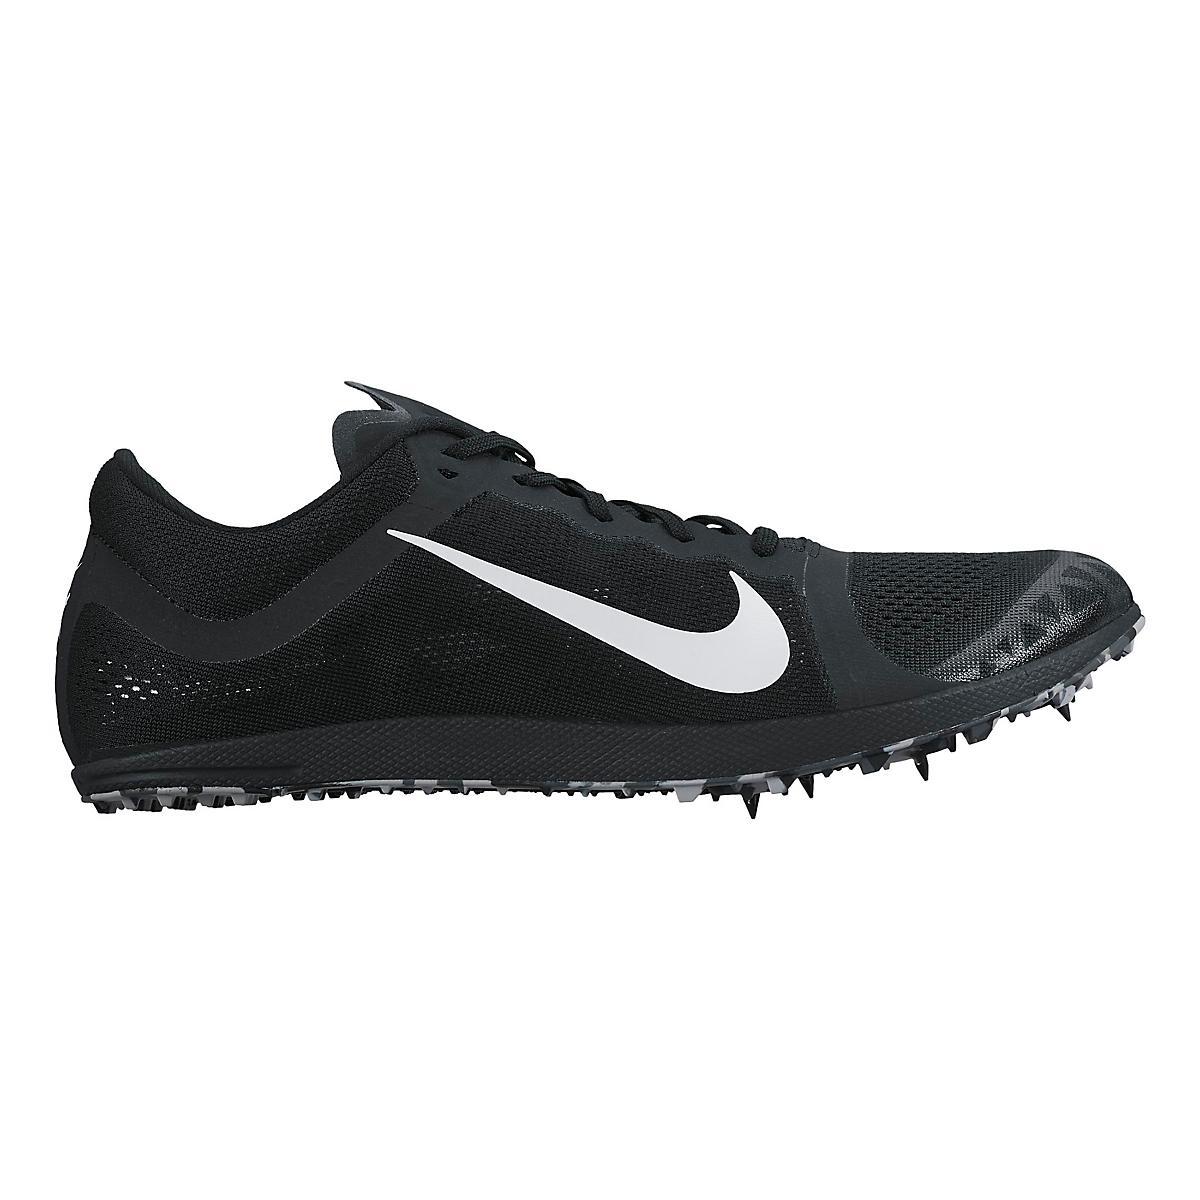 Reebok Plus Runner Lightweight Running Shoe Womens